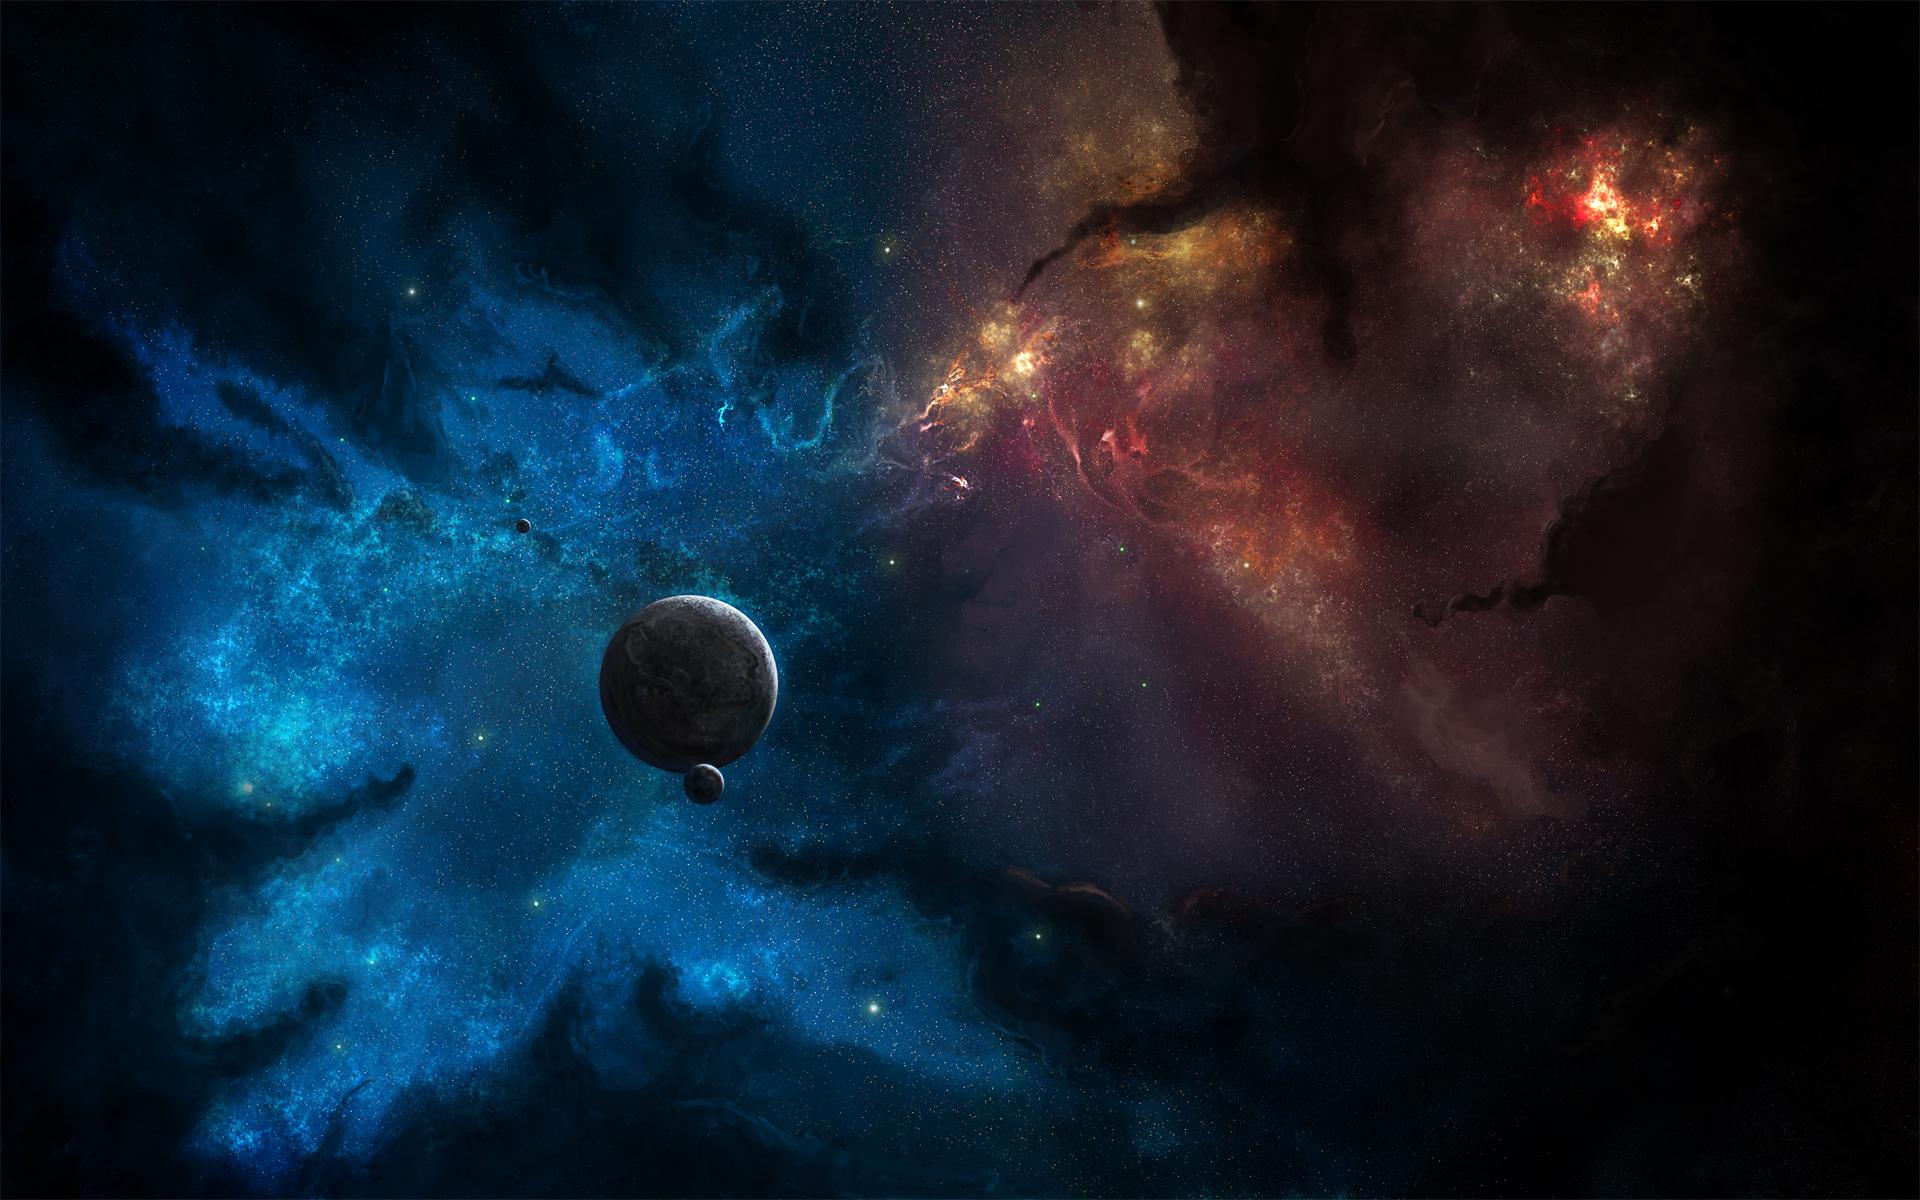 Обои Планеты и туманности картинки на рабочий стол на тему Космос - скачать  № 3551805  скачать